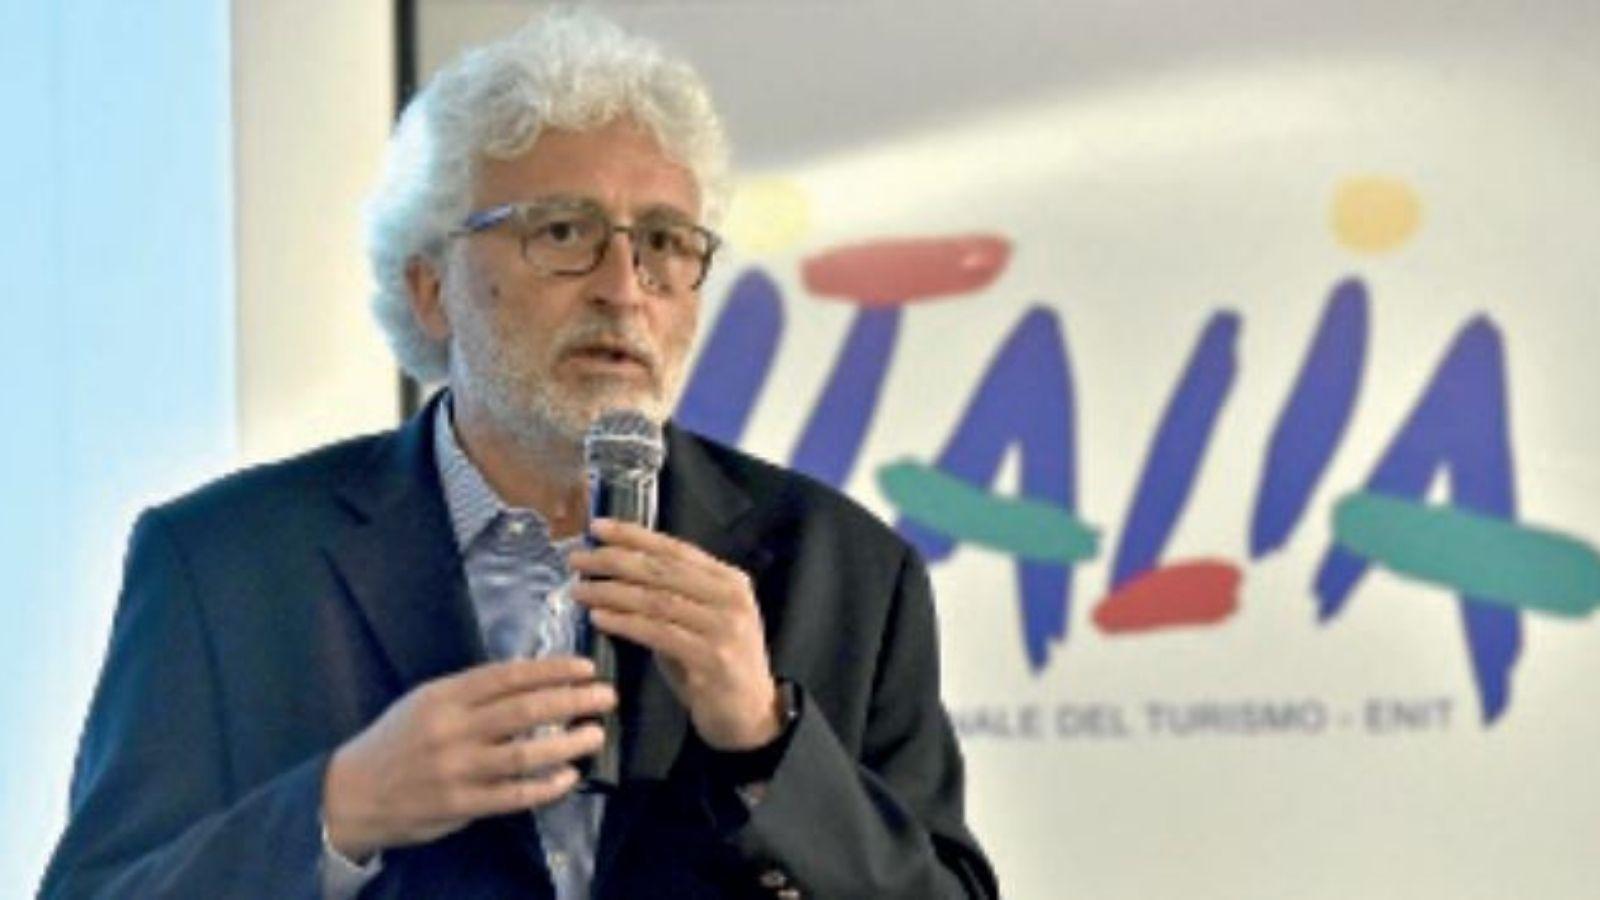 Gianni Bastianelli, direttore generale di Enit, l'Agenzia nazionale per il turismo